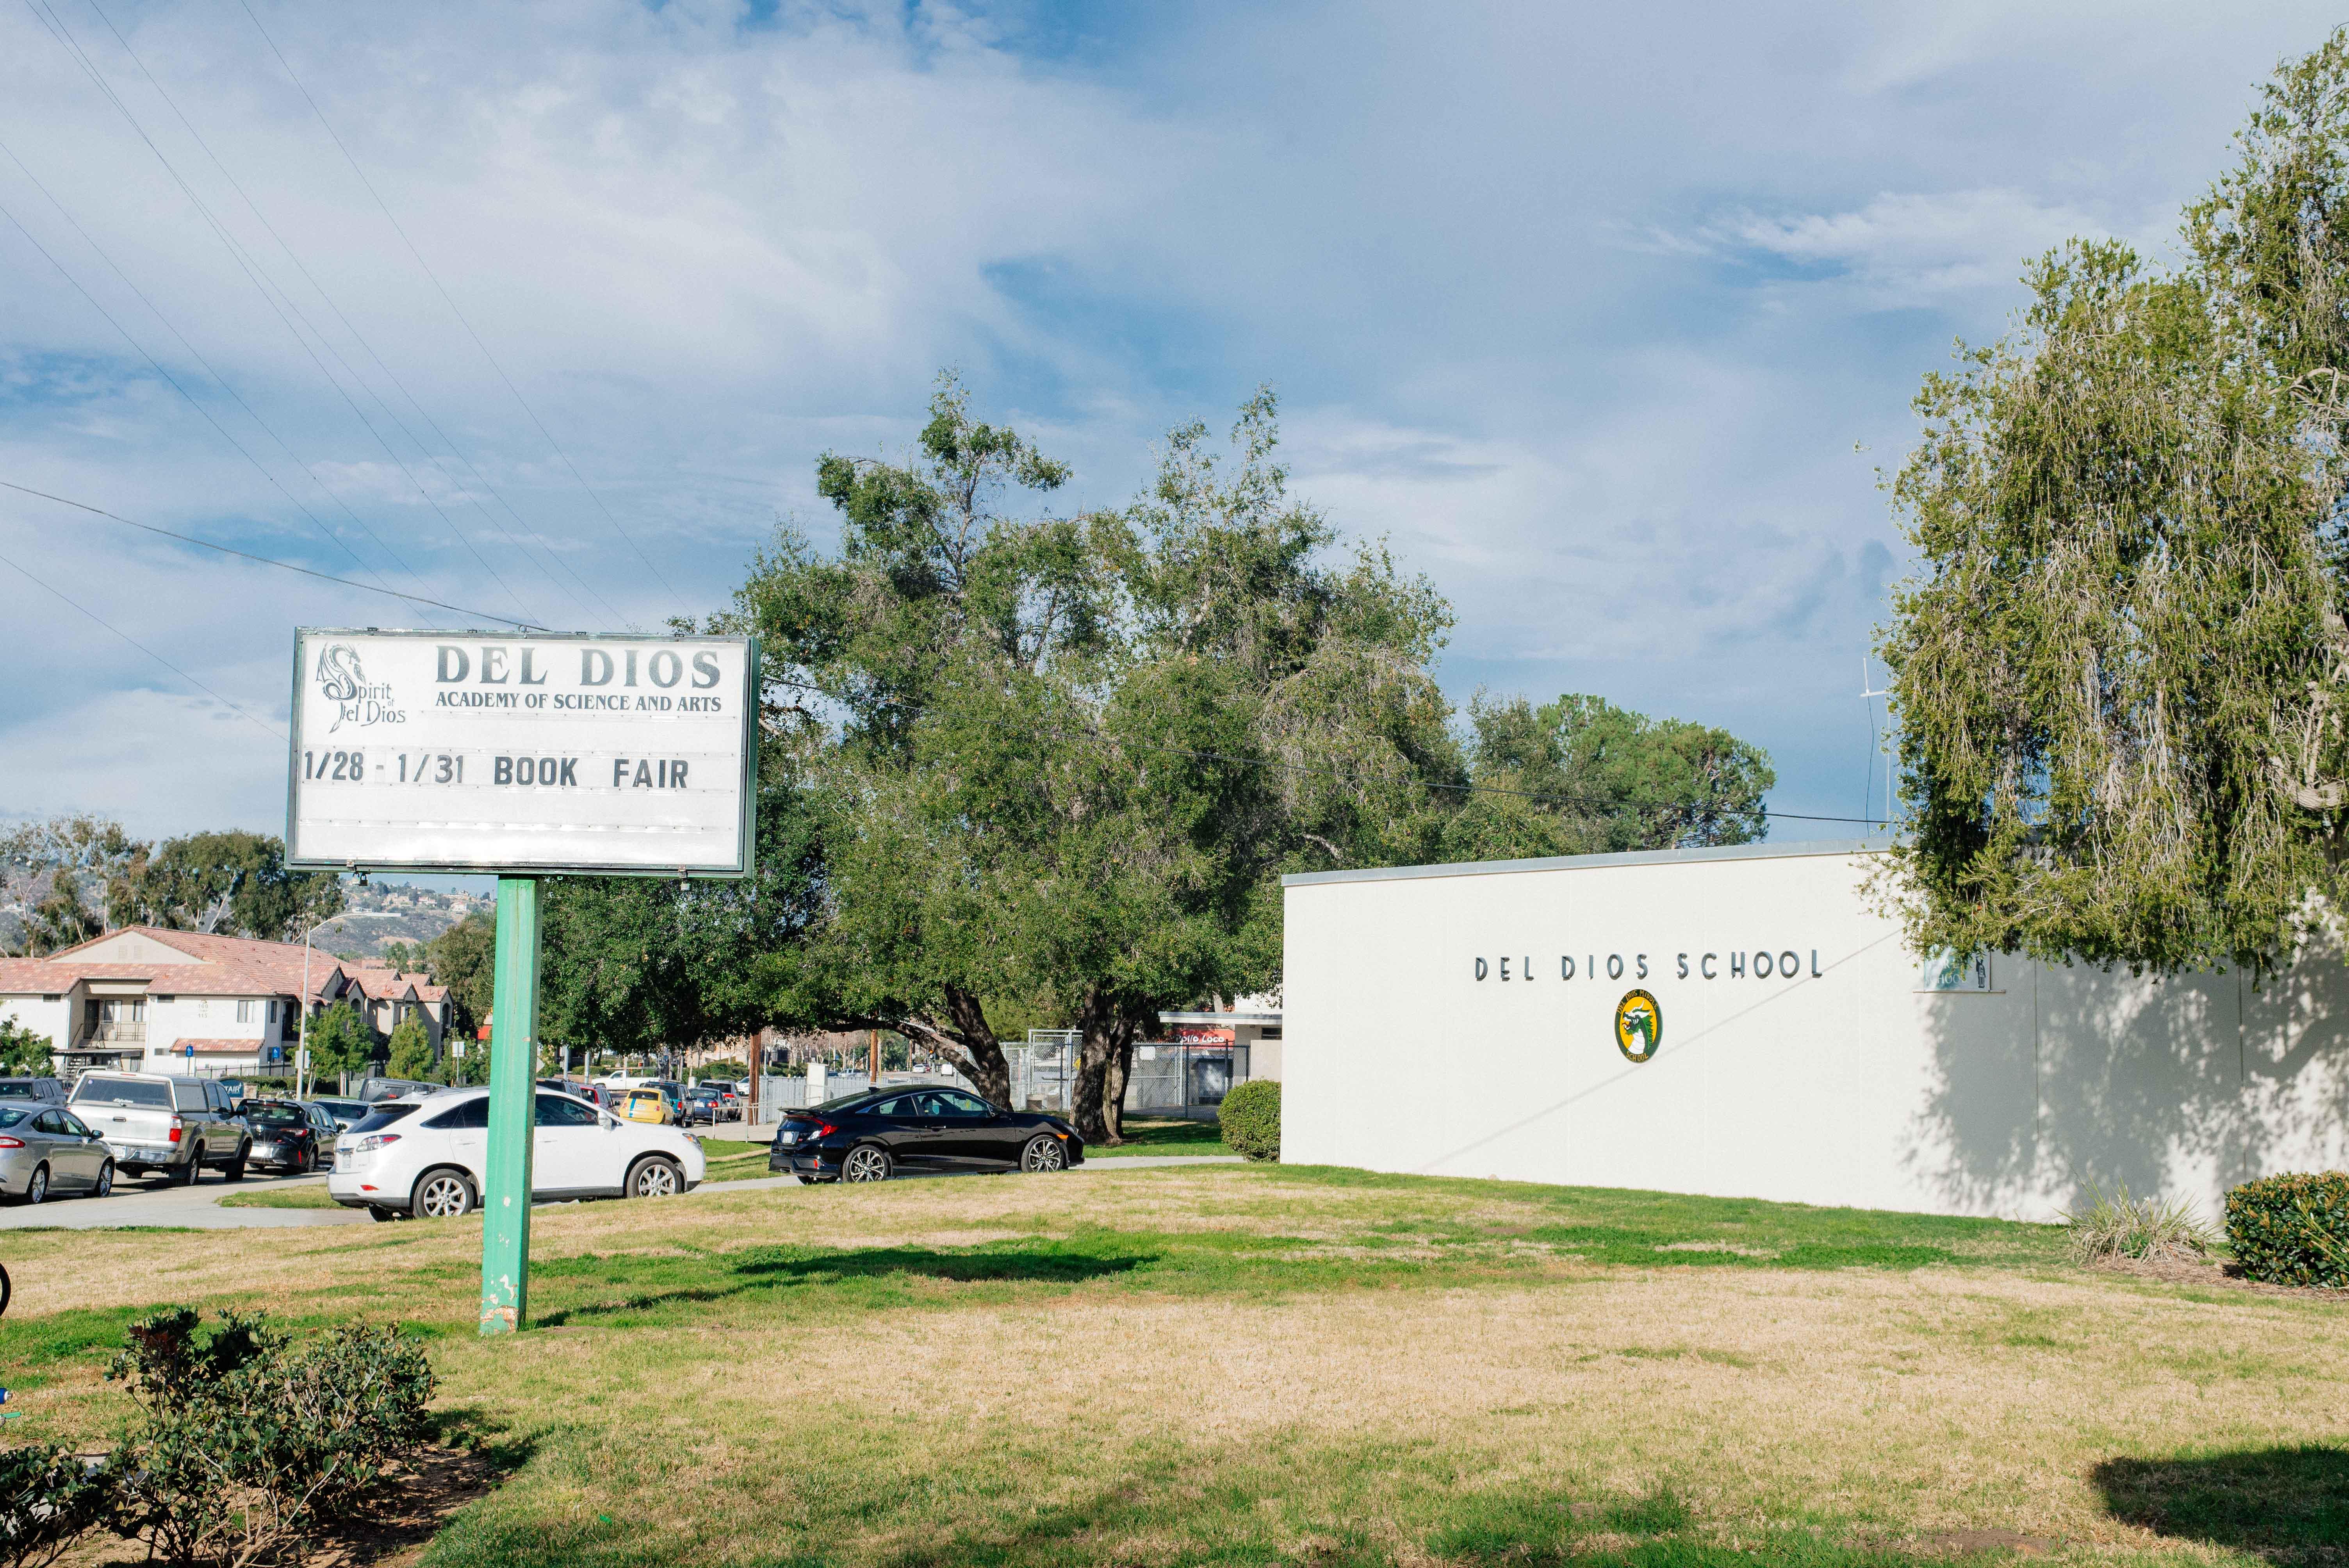 Del Dios Academy